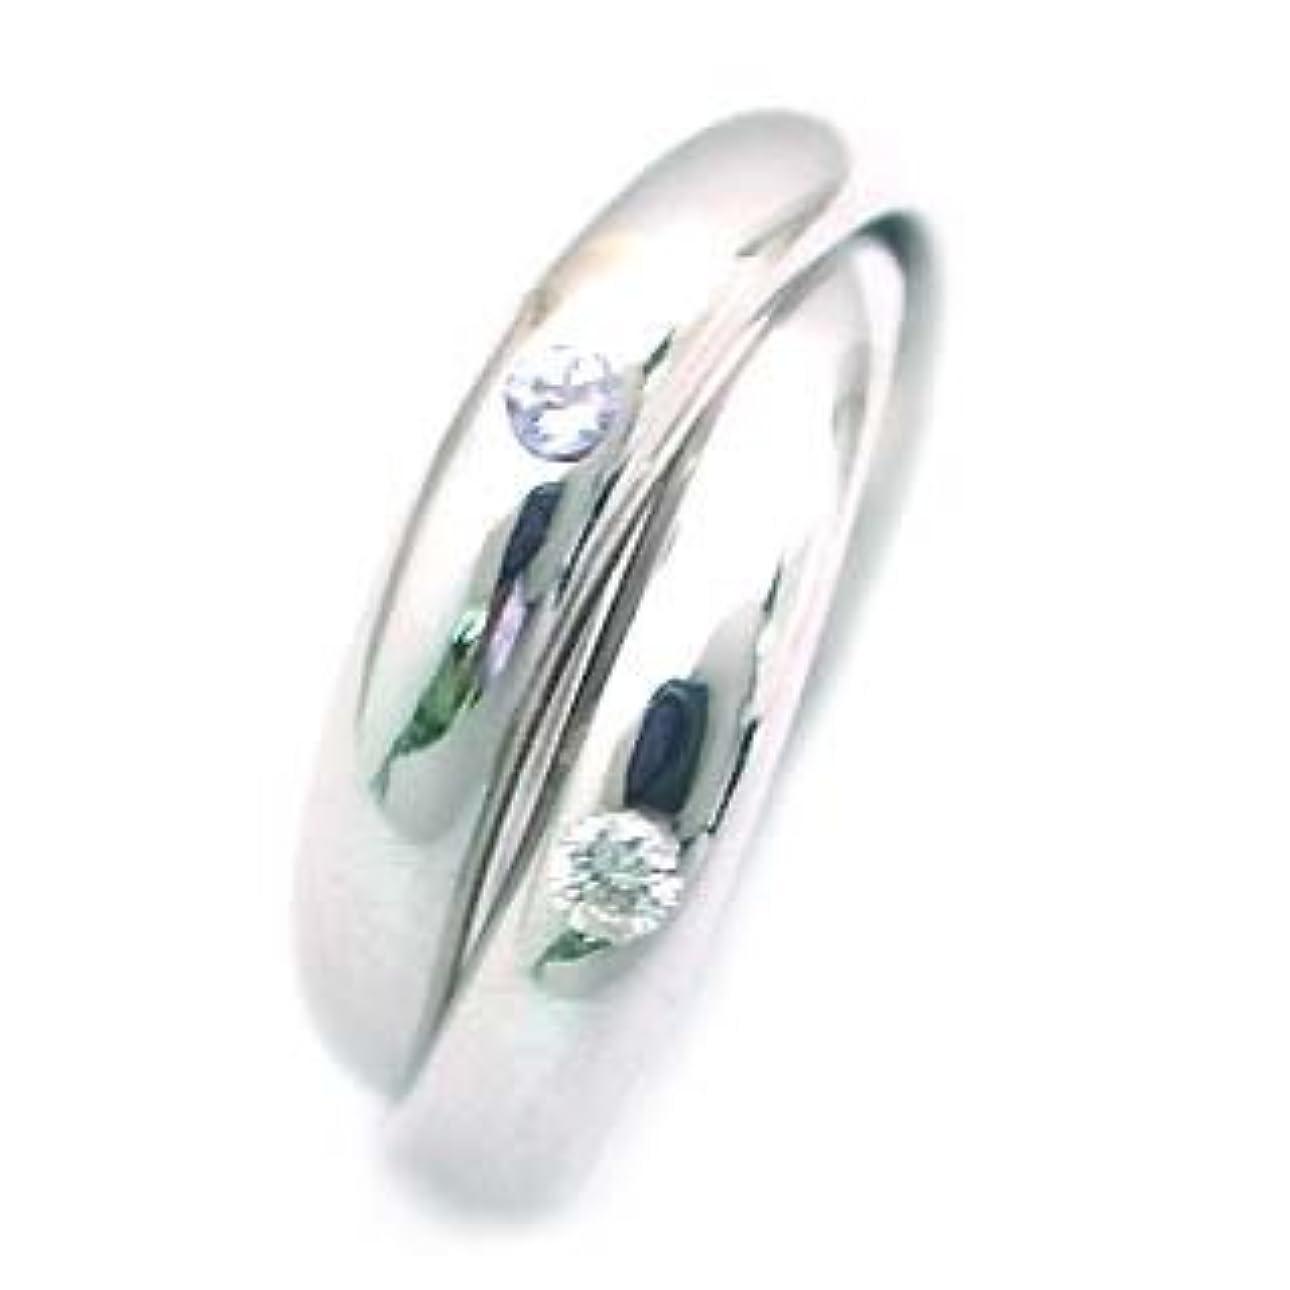 陰気カニひねり(12月誕生石) K18ホワイトゴールド タンザナイト?ダイヤモンド2連リング #9